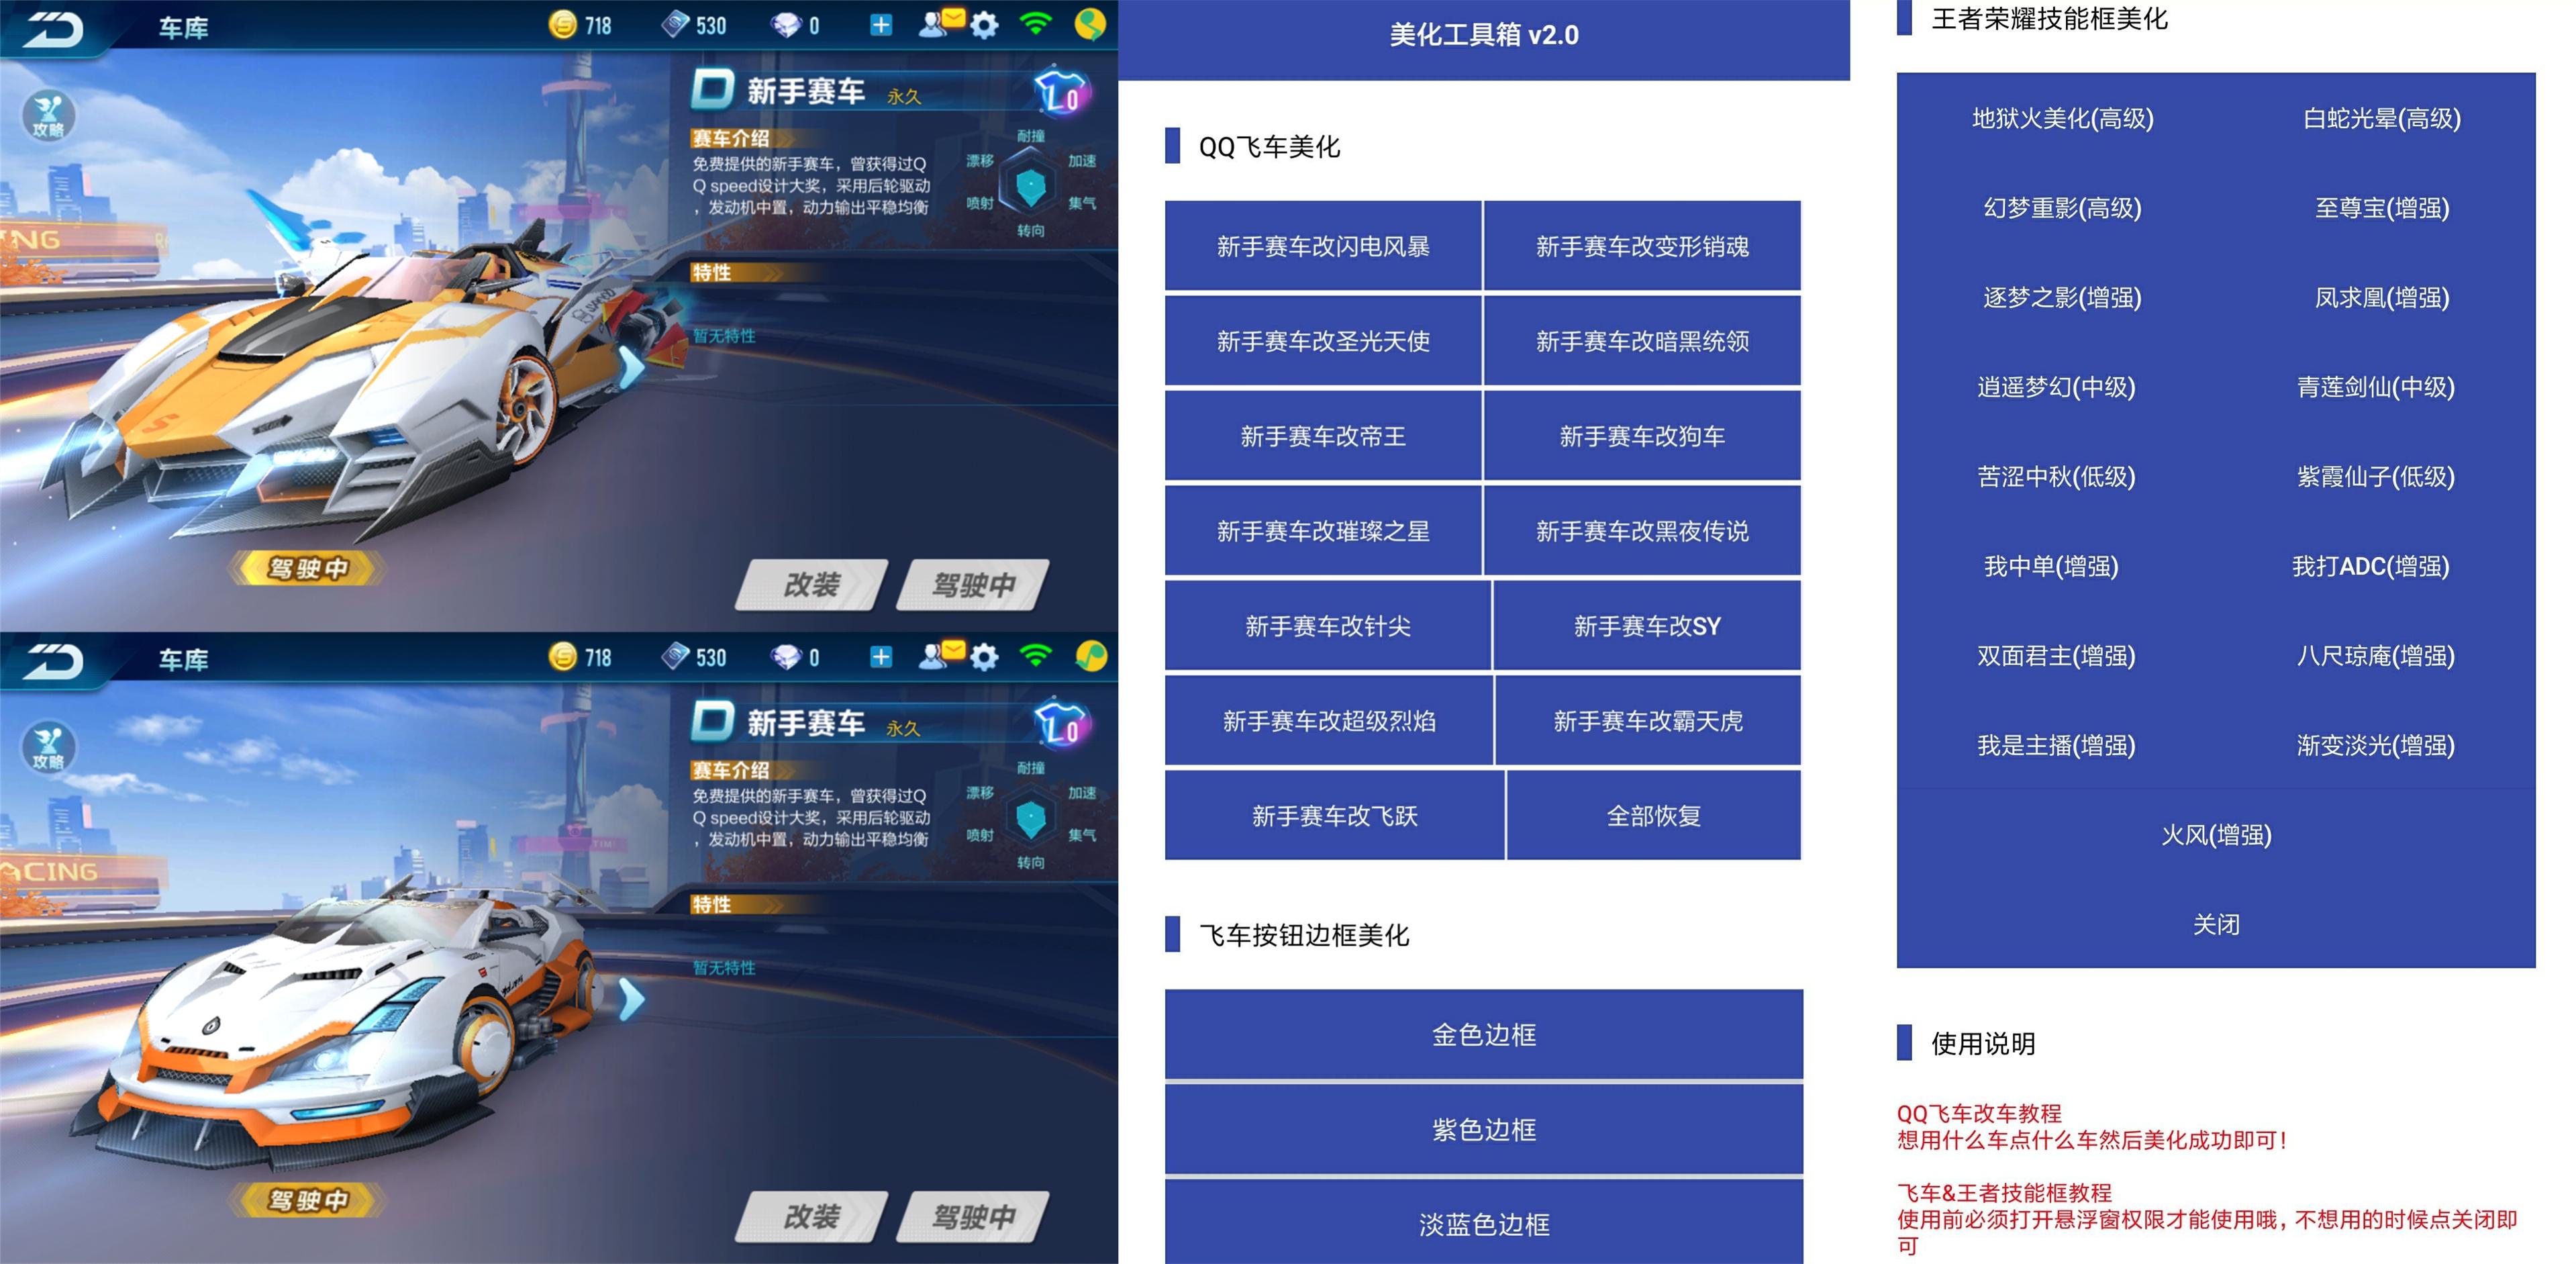 最新王者荣耀+飞车改车模型+技能框美化工具箱2.0(二合一)